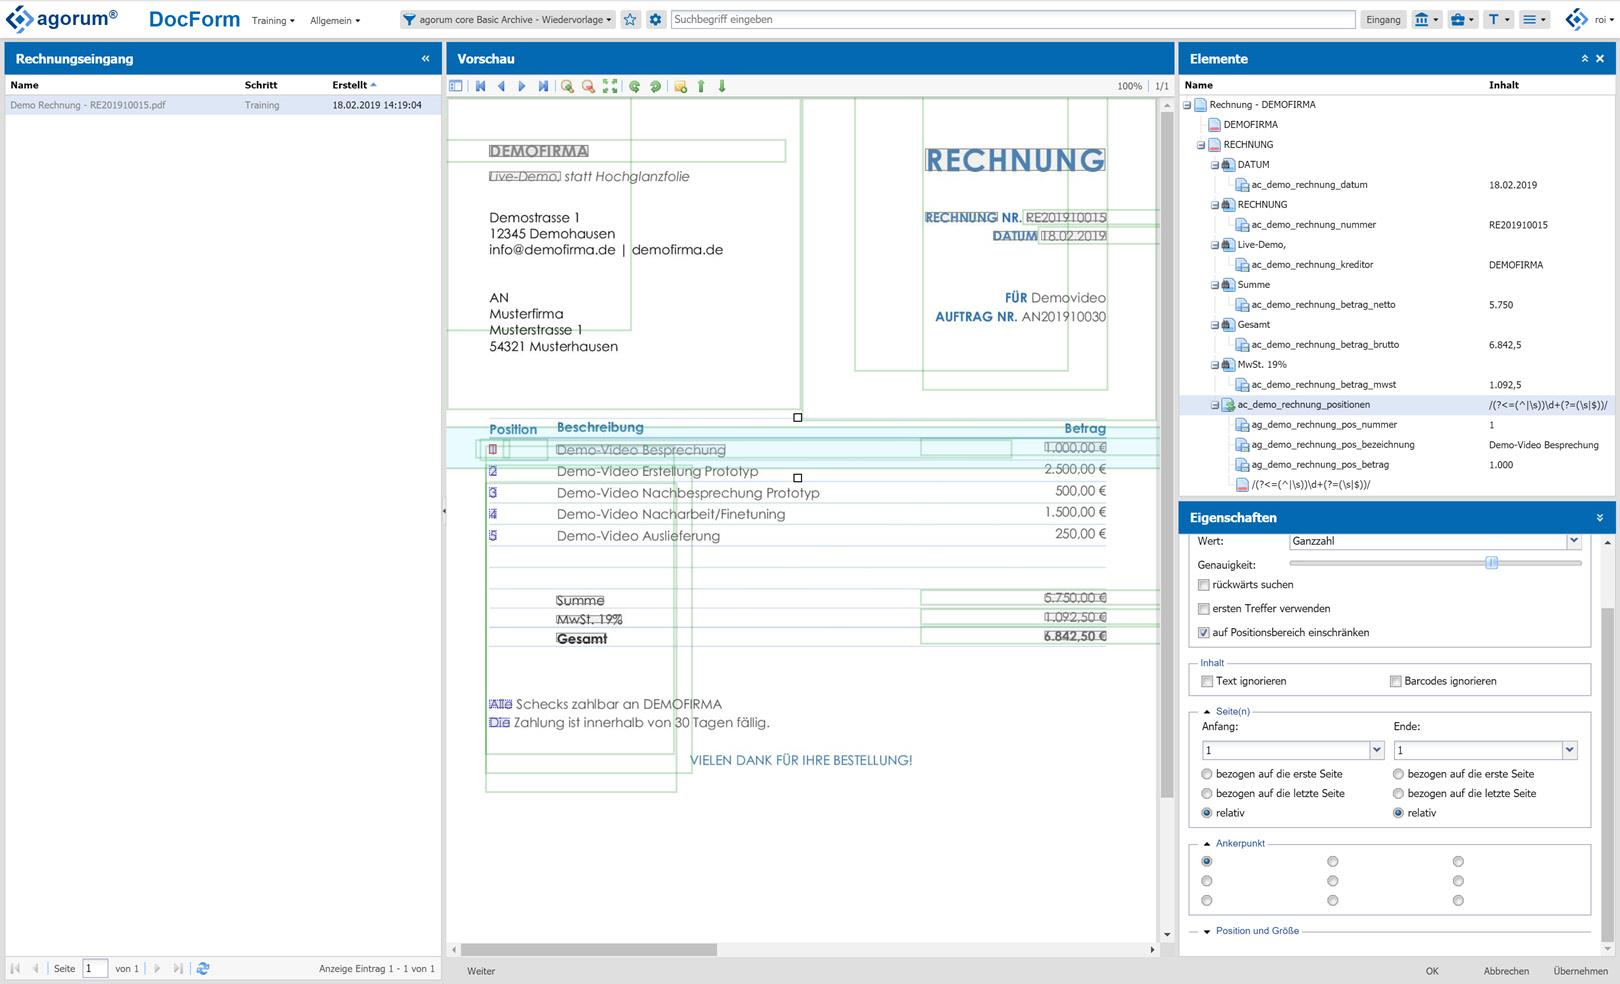 Screenshot: agorum core docform